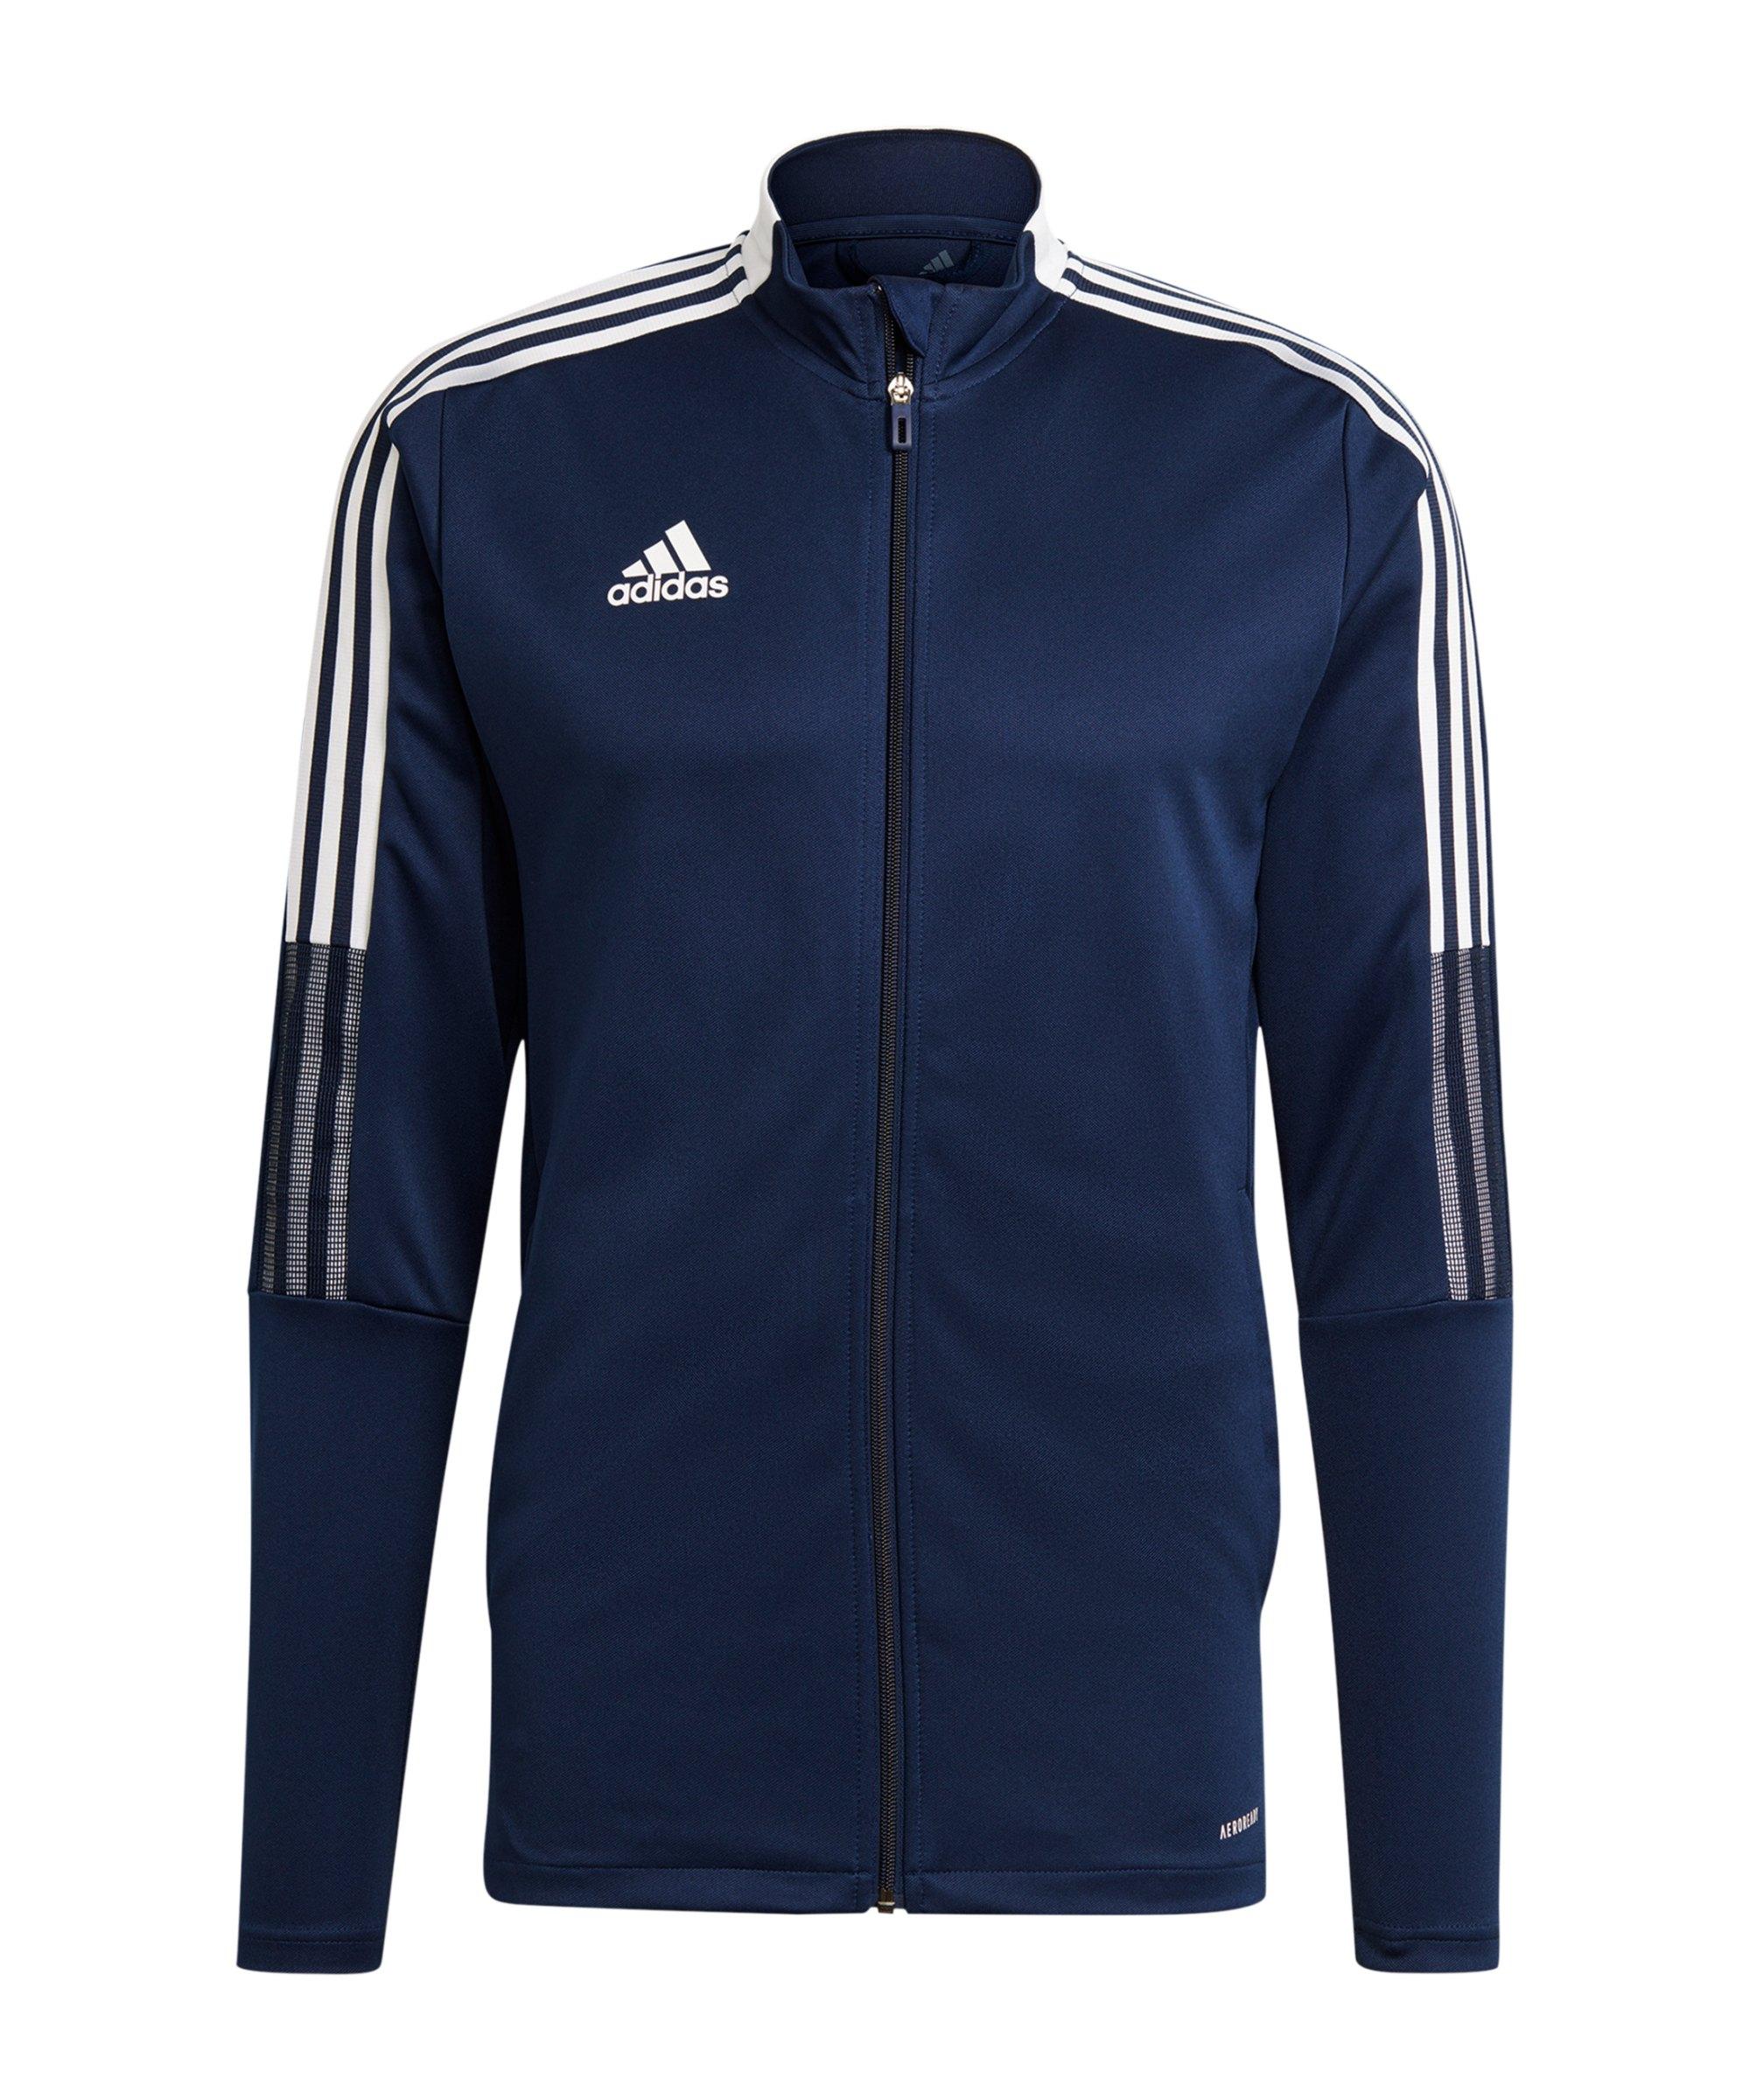 adidas Tiro 21 Trainingsjacke Blau Schwarz - schwarz